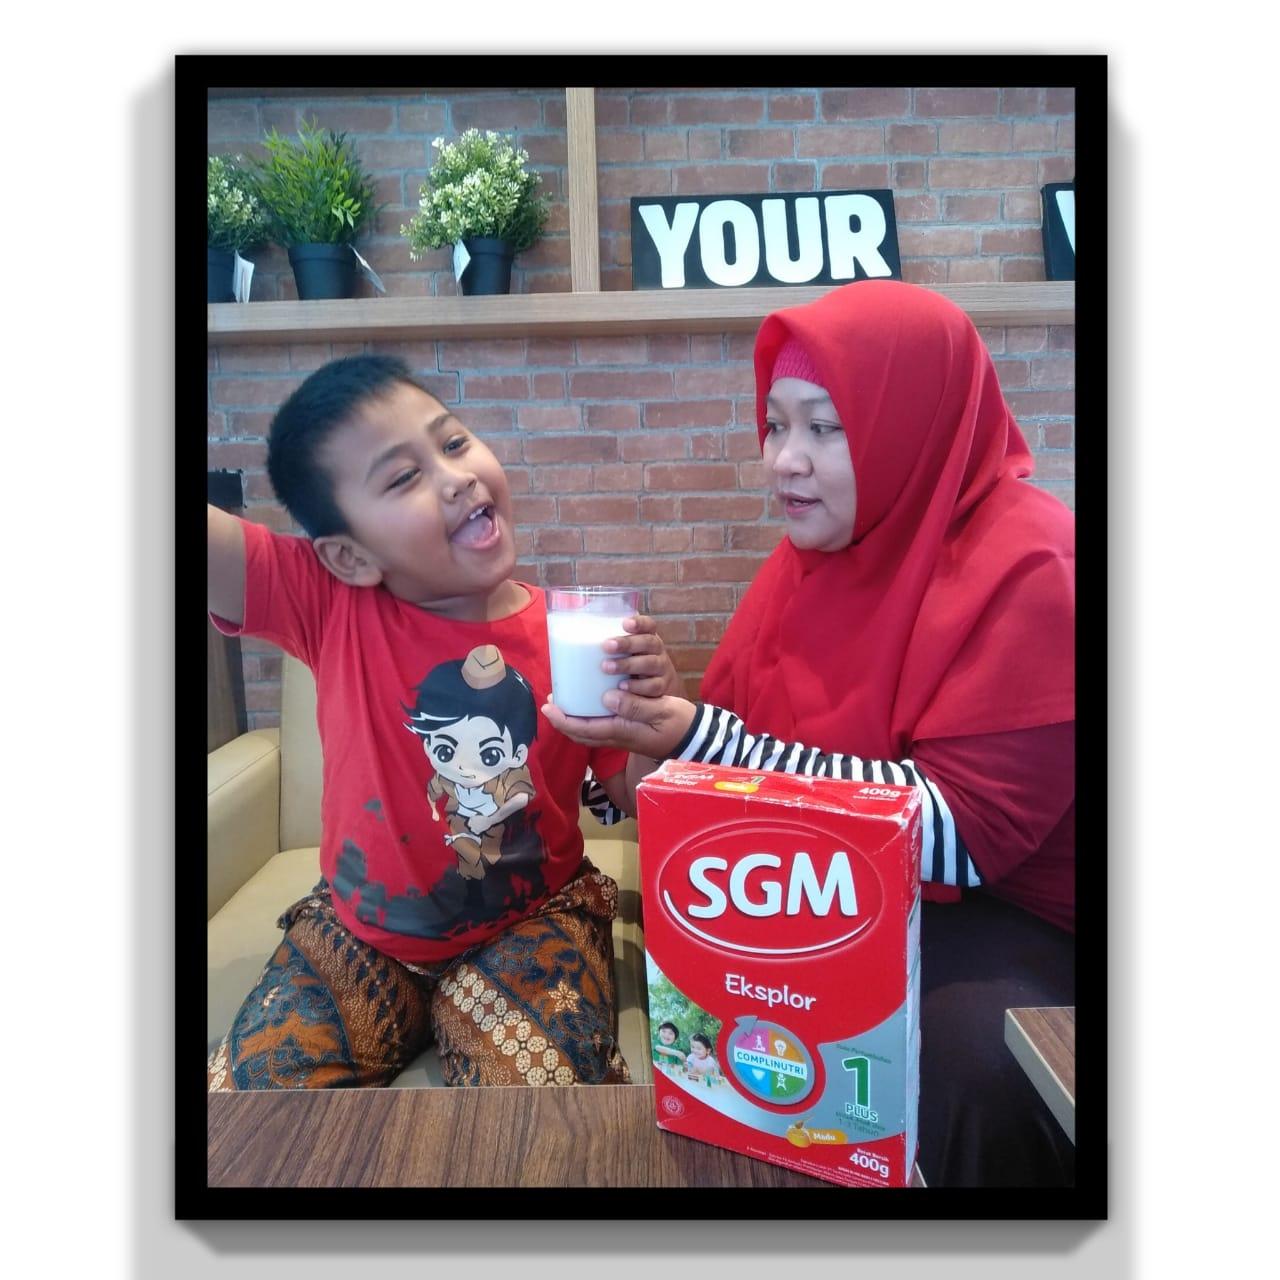 Susu pertumbuhan anak SGM Eksplor salah satu produk nutrisi dari Danone